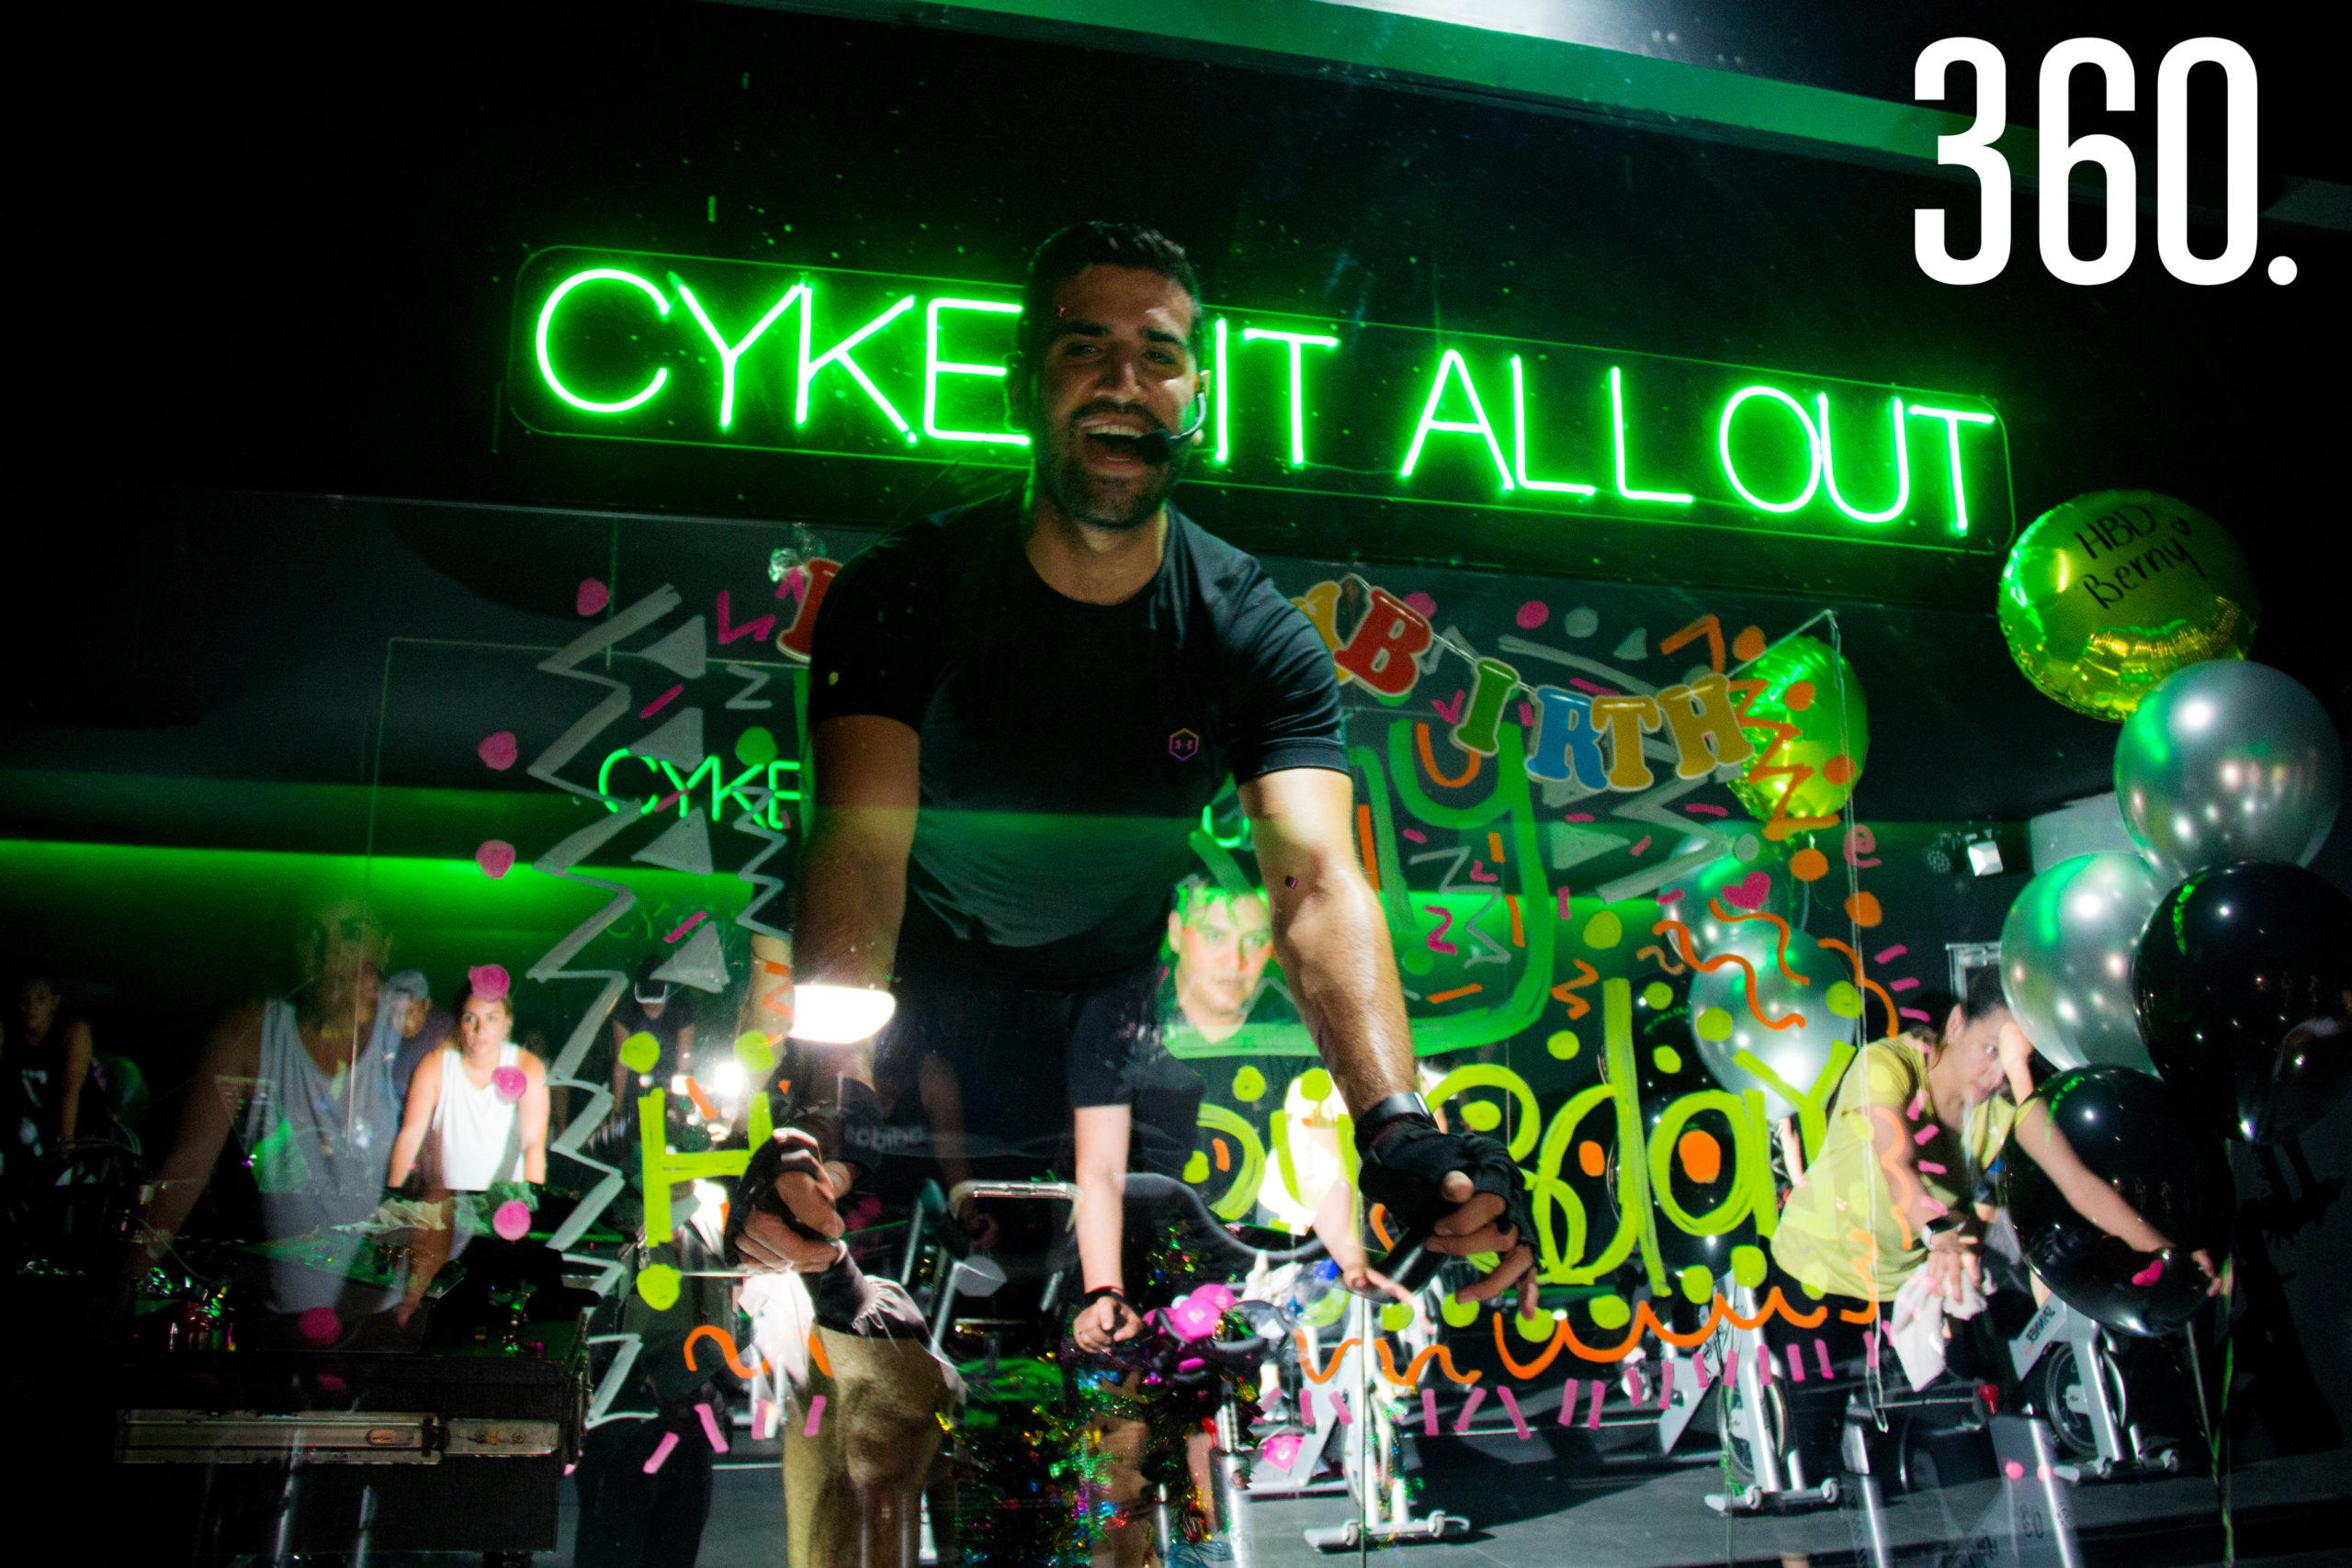 Bernardo González, coach de Indoor Cycling en Cykel, celebró sus 30 años impartiendo clases.